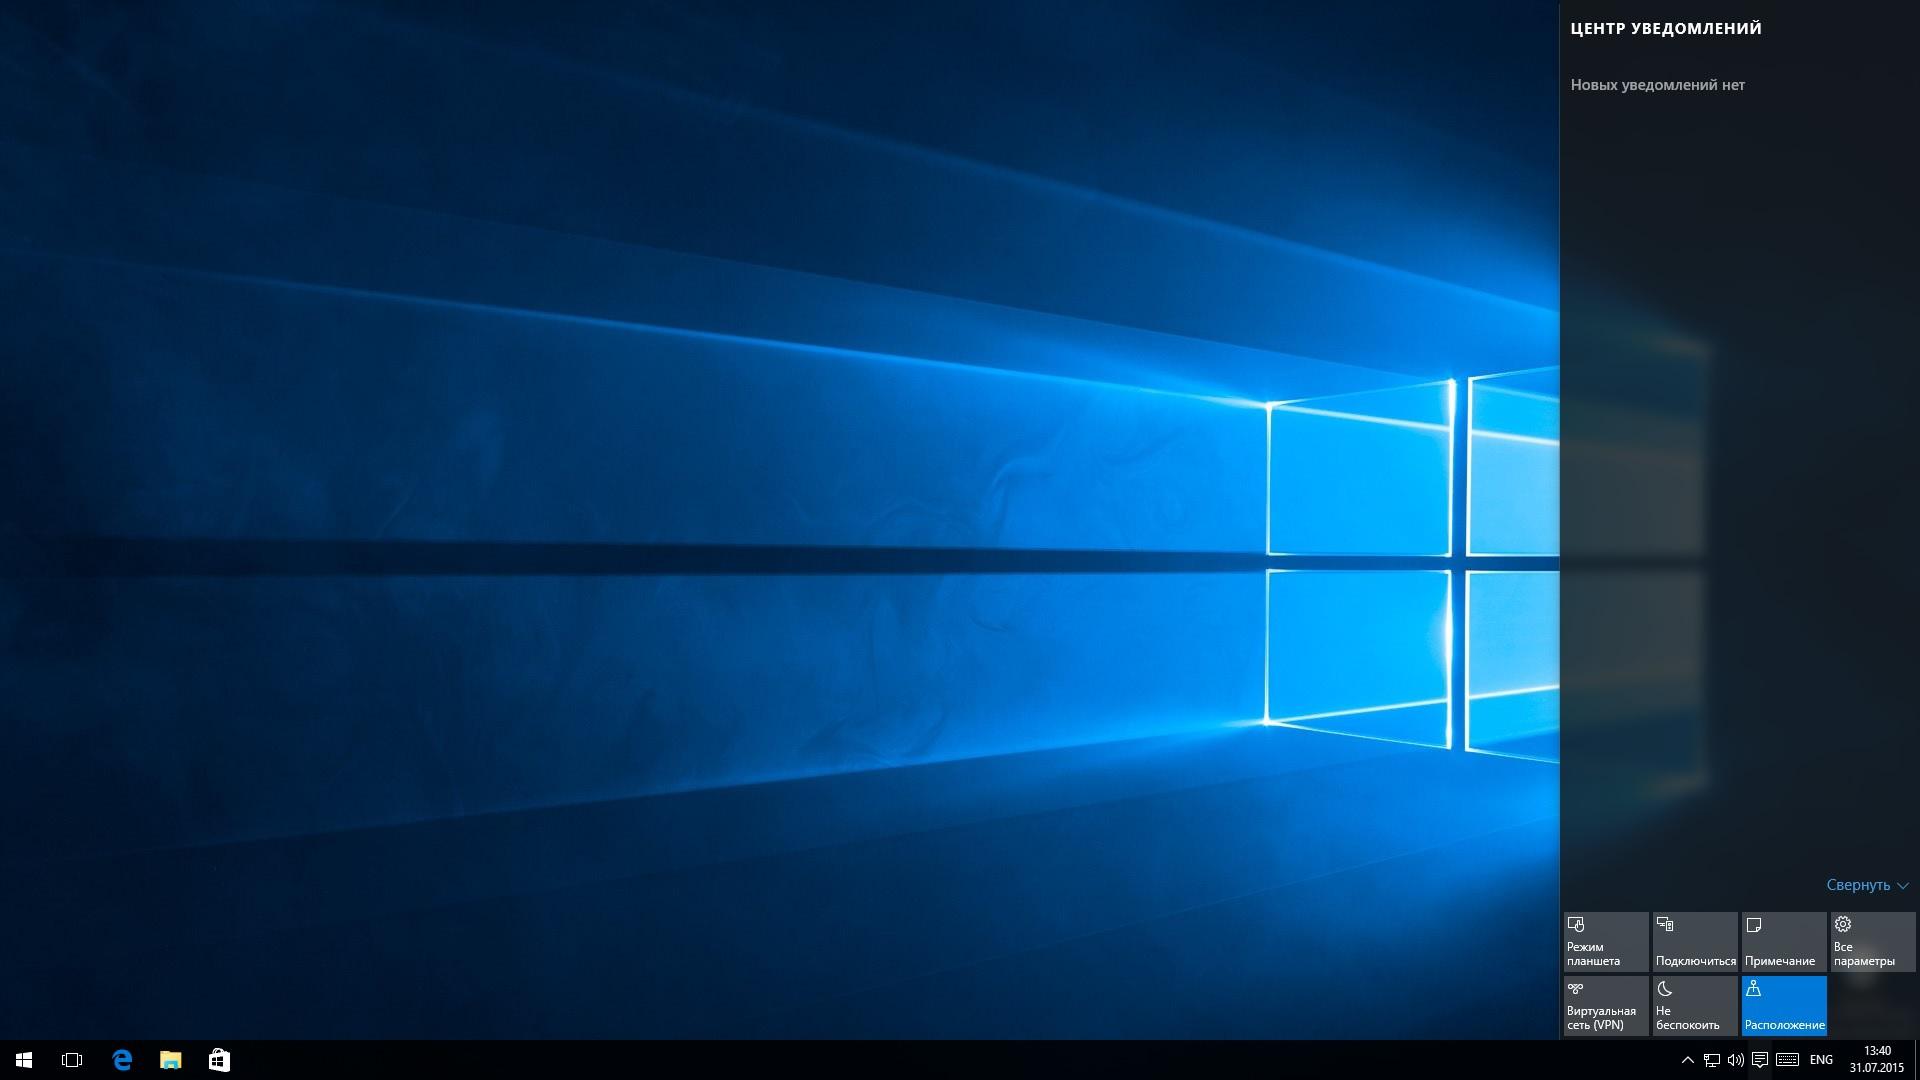 Обзор и пожелания Windows 10 - 1